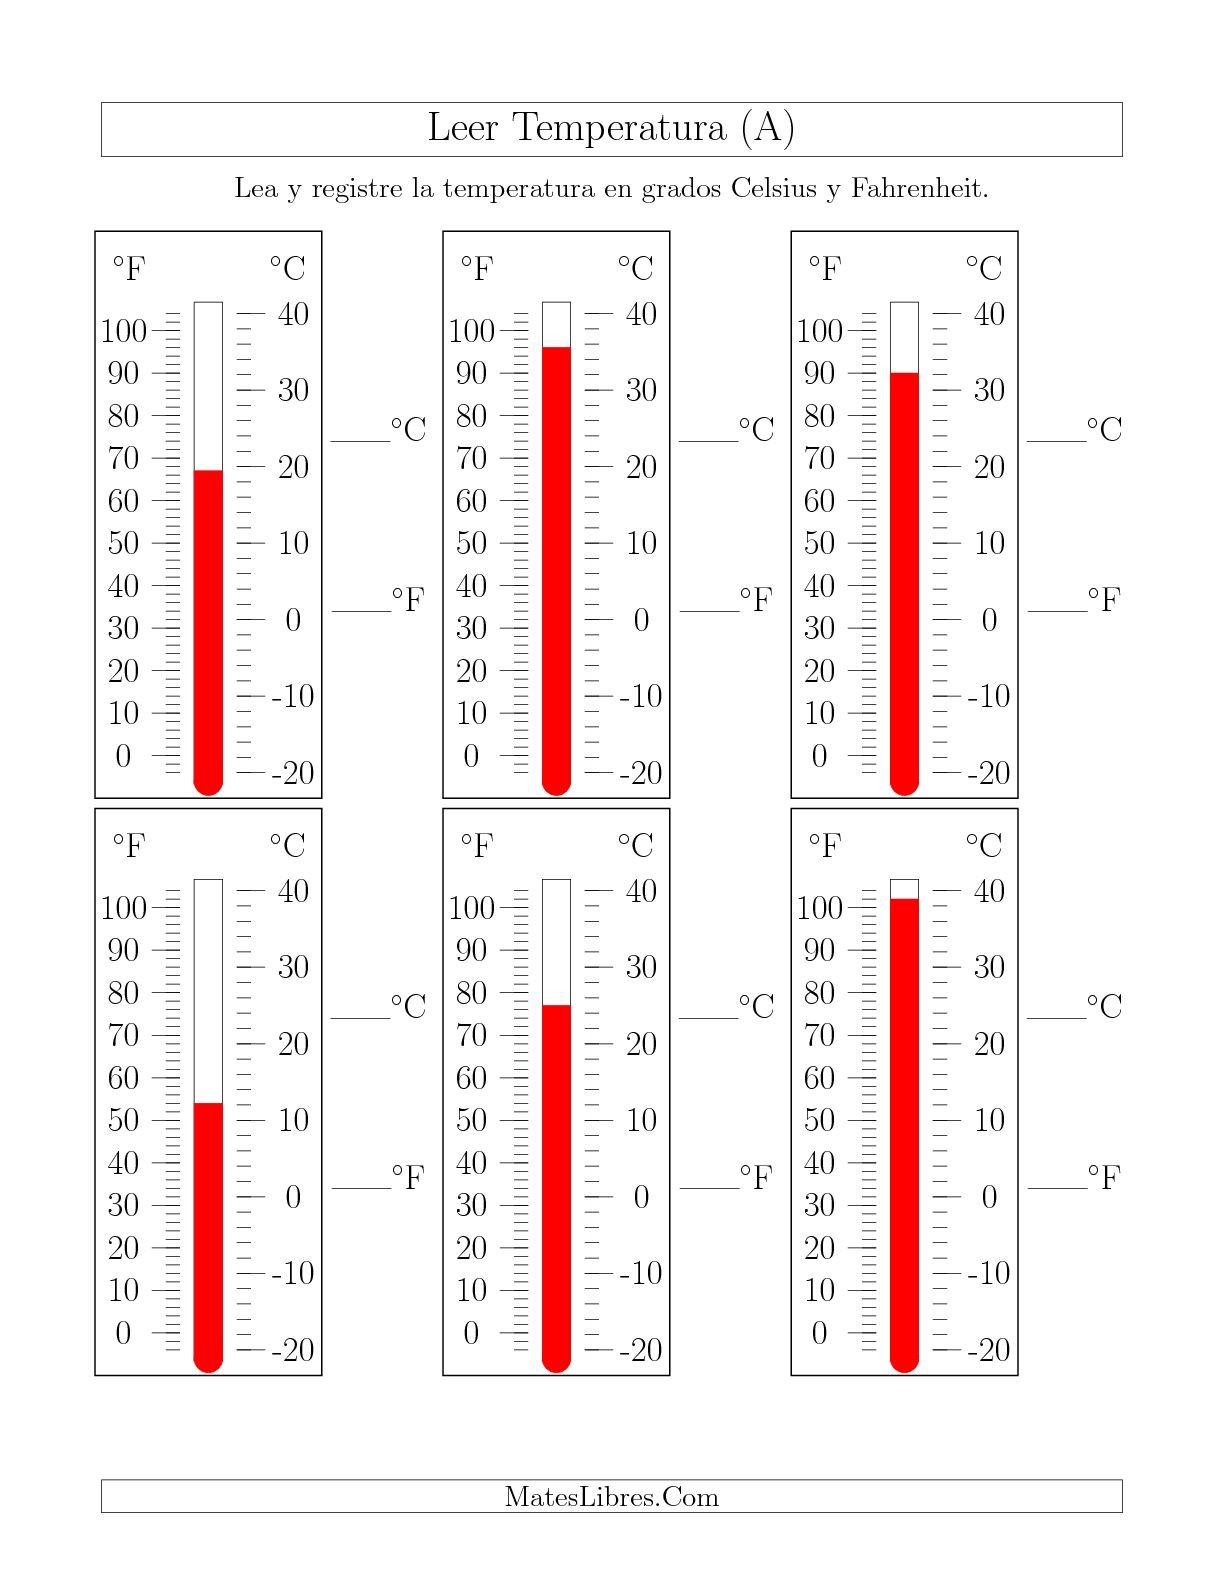 Leer Temperatura De Termometros A Hoja De Ejercicio De